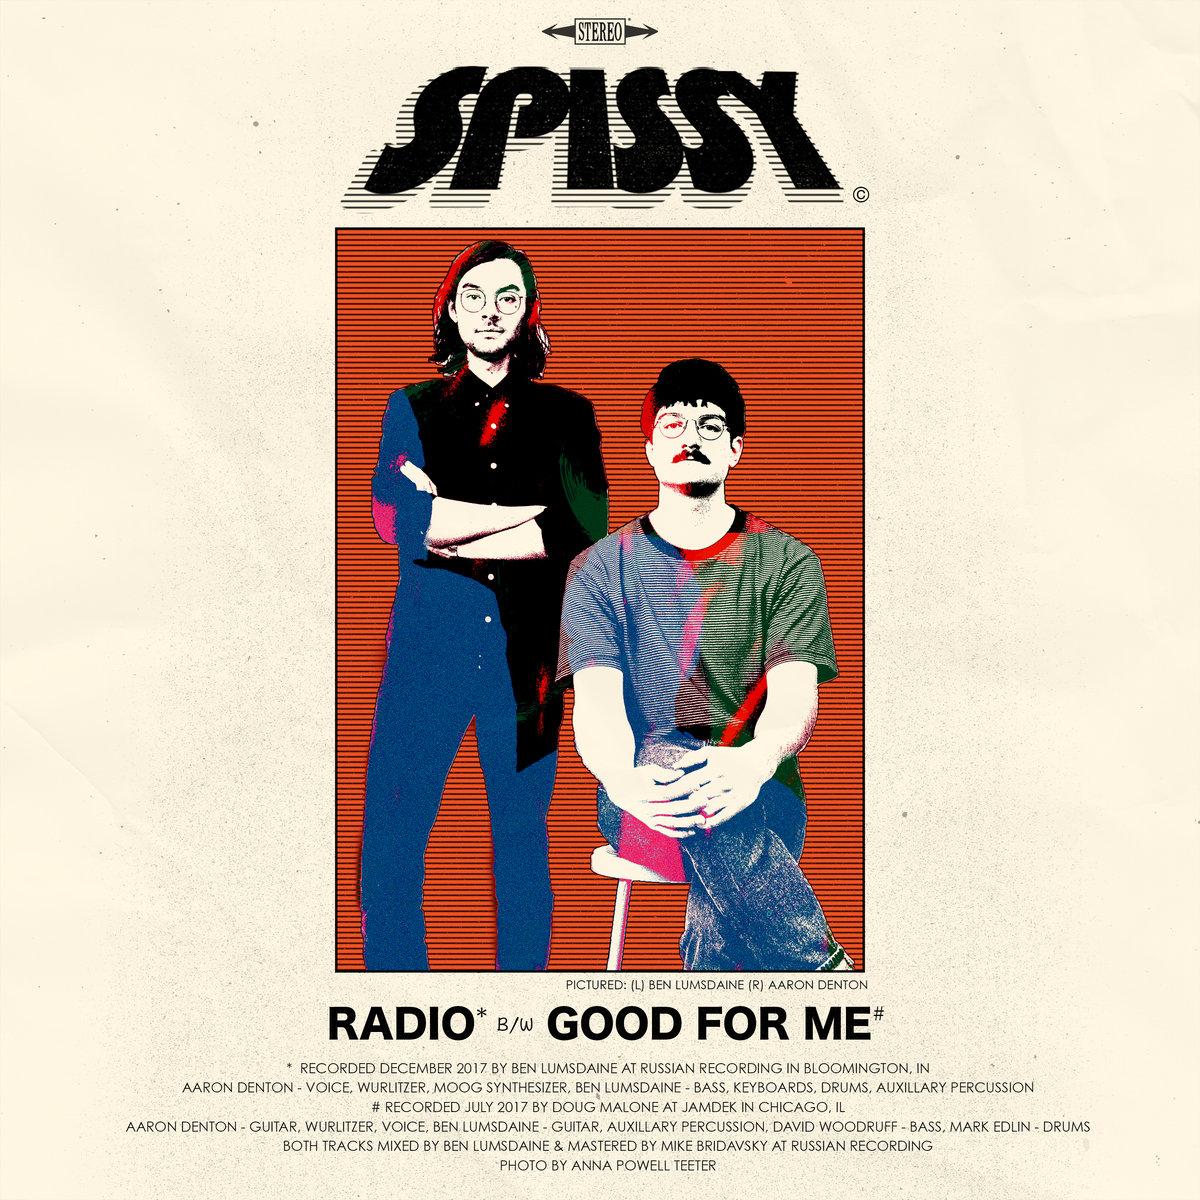 Copy of Spissy - Radio b/w Good For Me